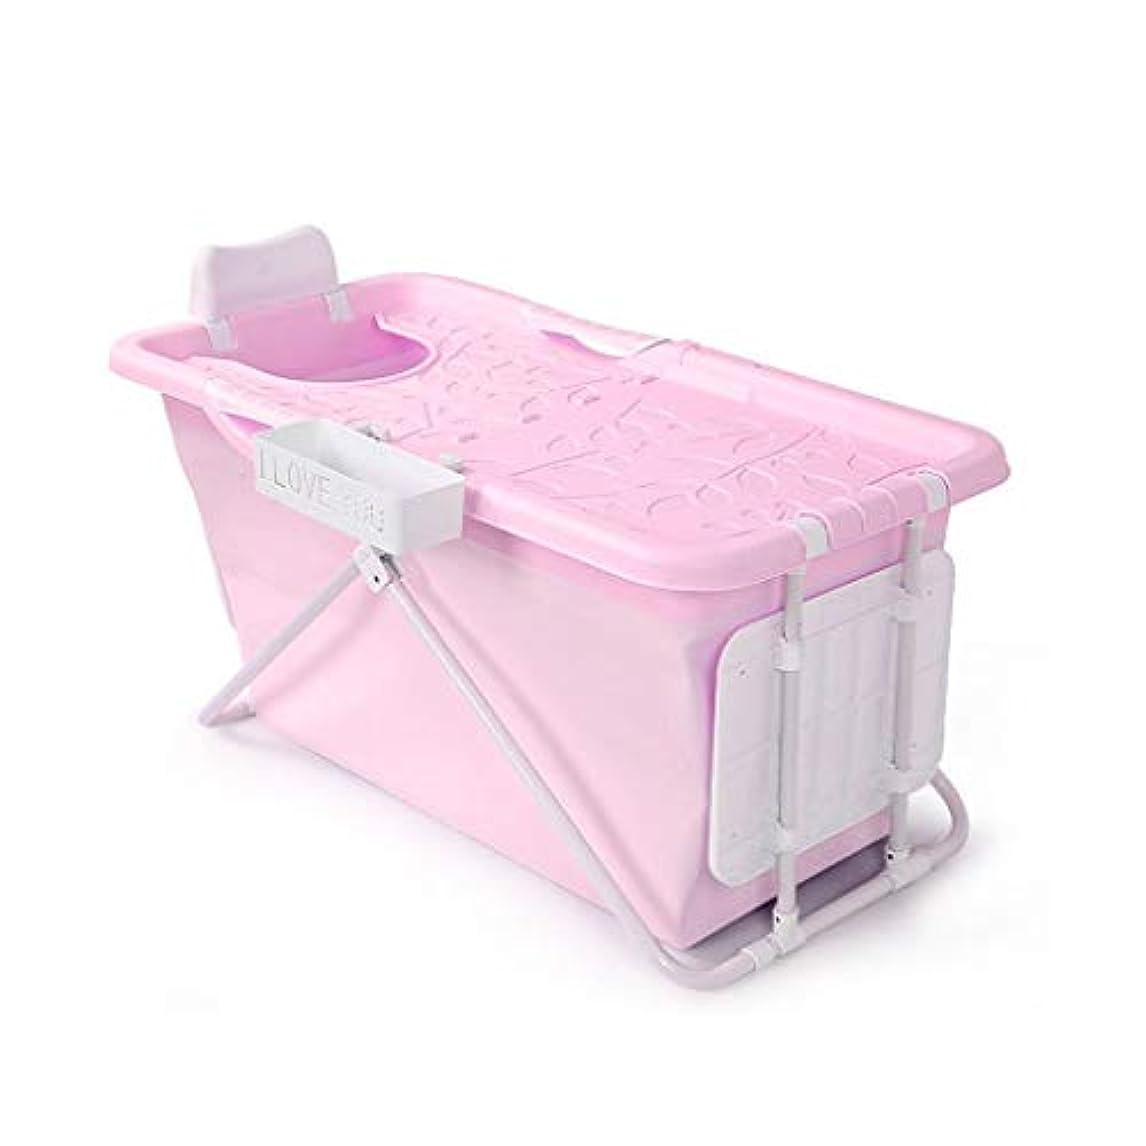 平日静める柔らかい足折りたたみ大人浴槽枕スペース繰り返し可能な折りたたみ浴槽カバー付き便利な収納ベビーバス浴槽浴槽付き、110センチ×53センチ×59センチ (色 : ピンク)